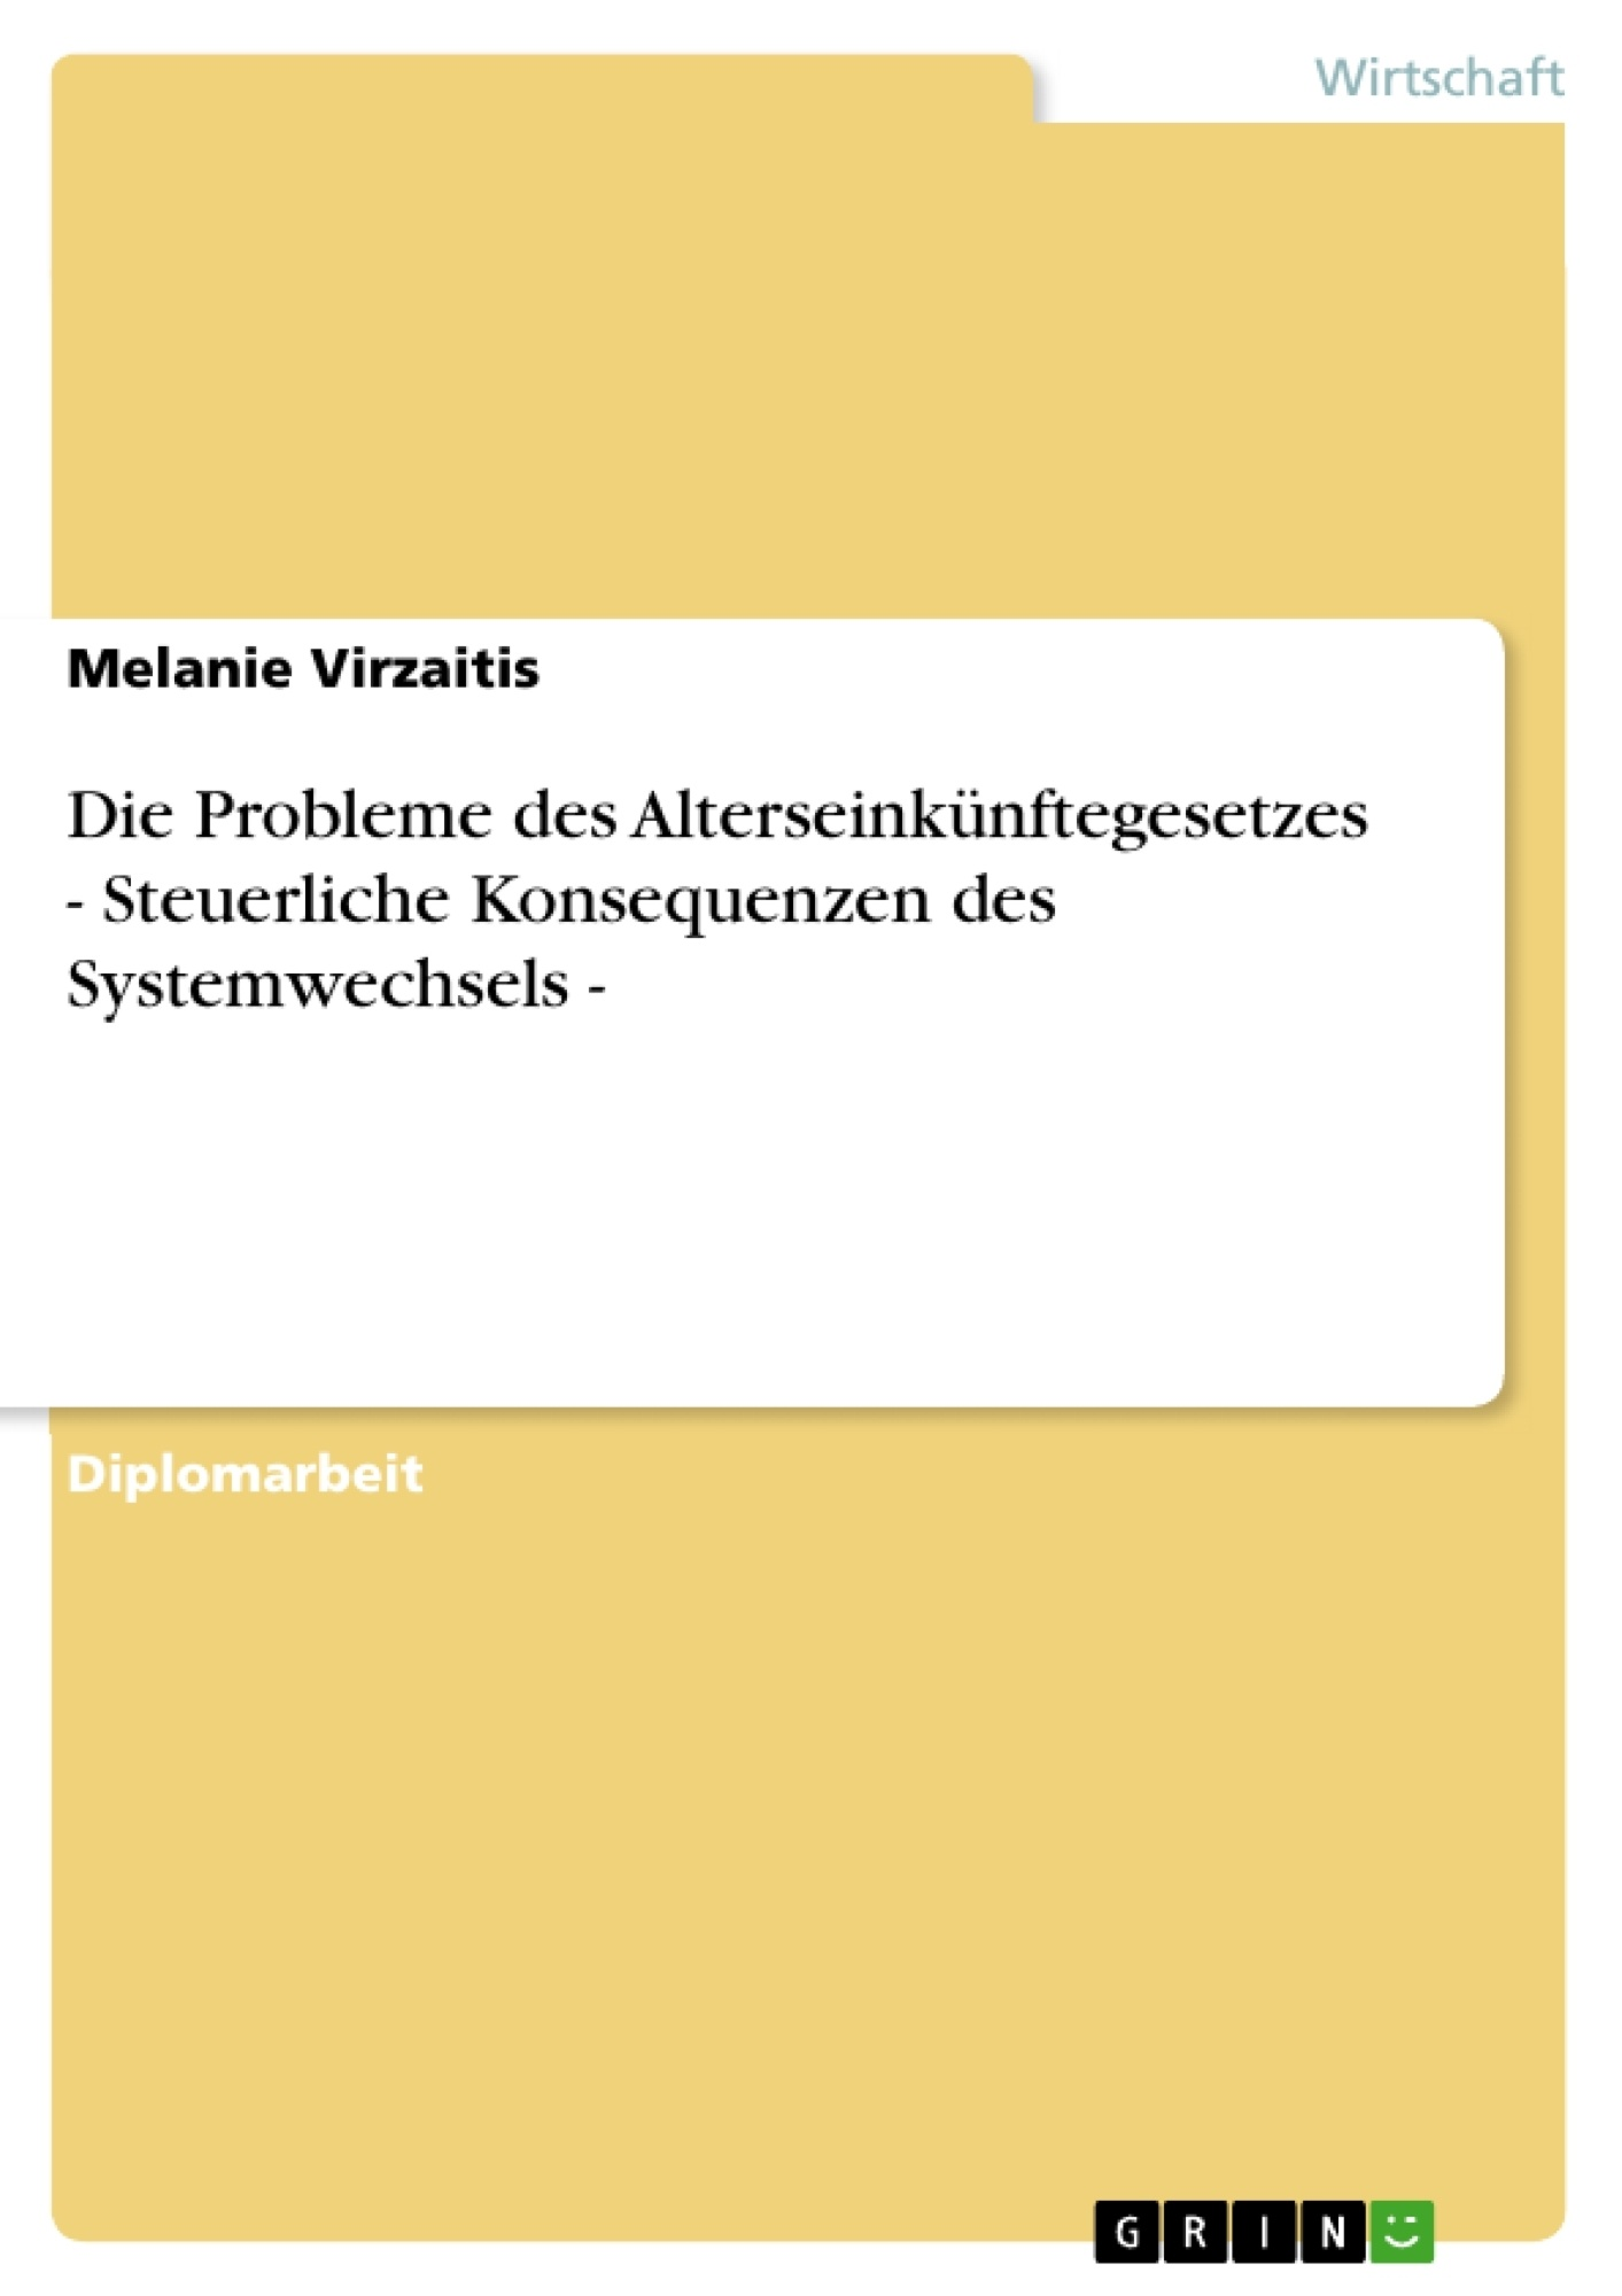 Titel: Die Probleme des Alterseinkünftegesetzes - Steuerliche Konsequenzen des Systemwechsels -